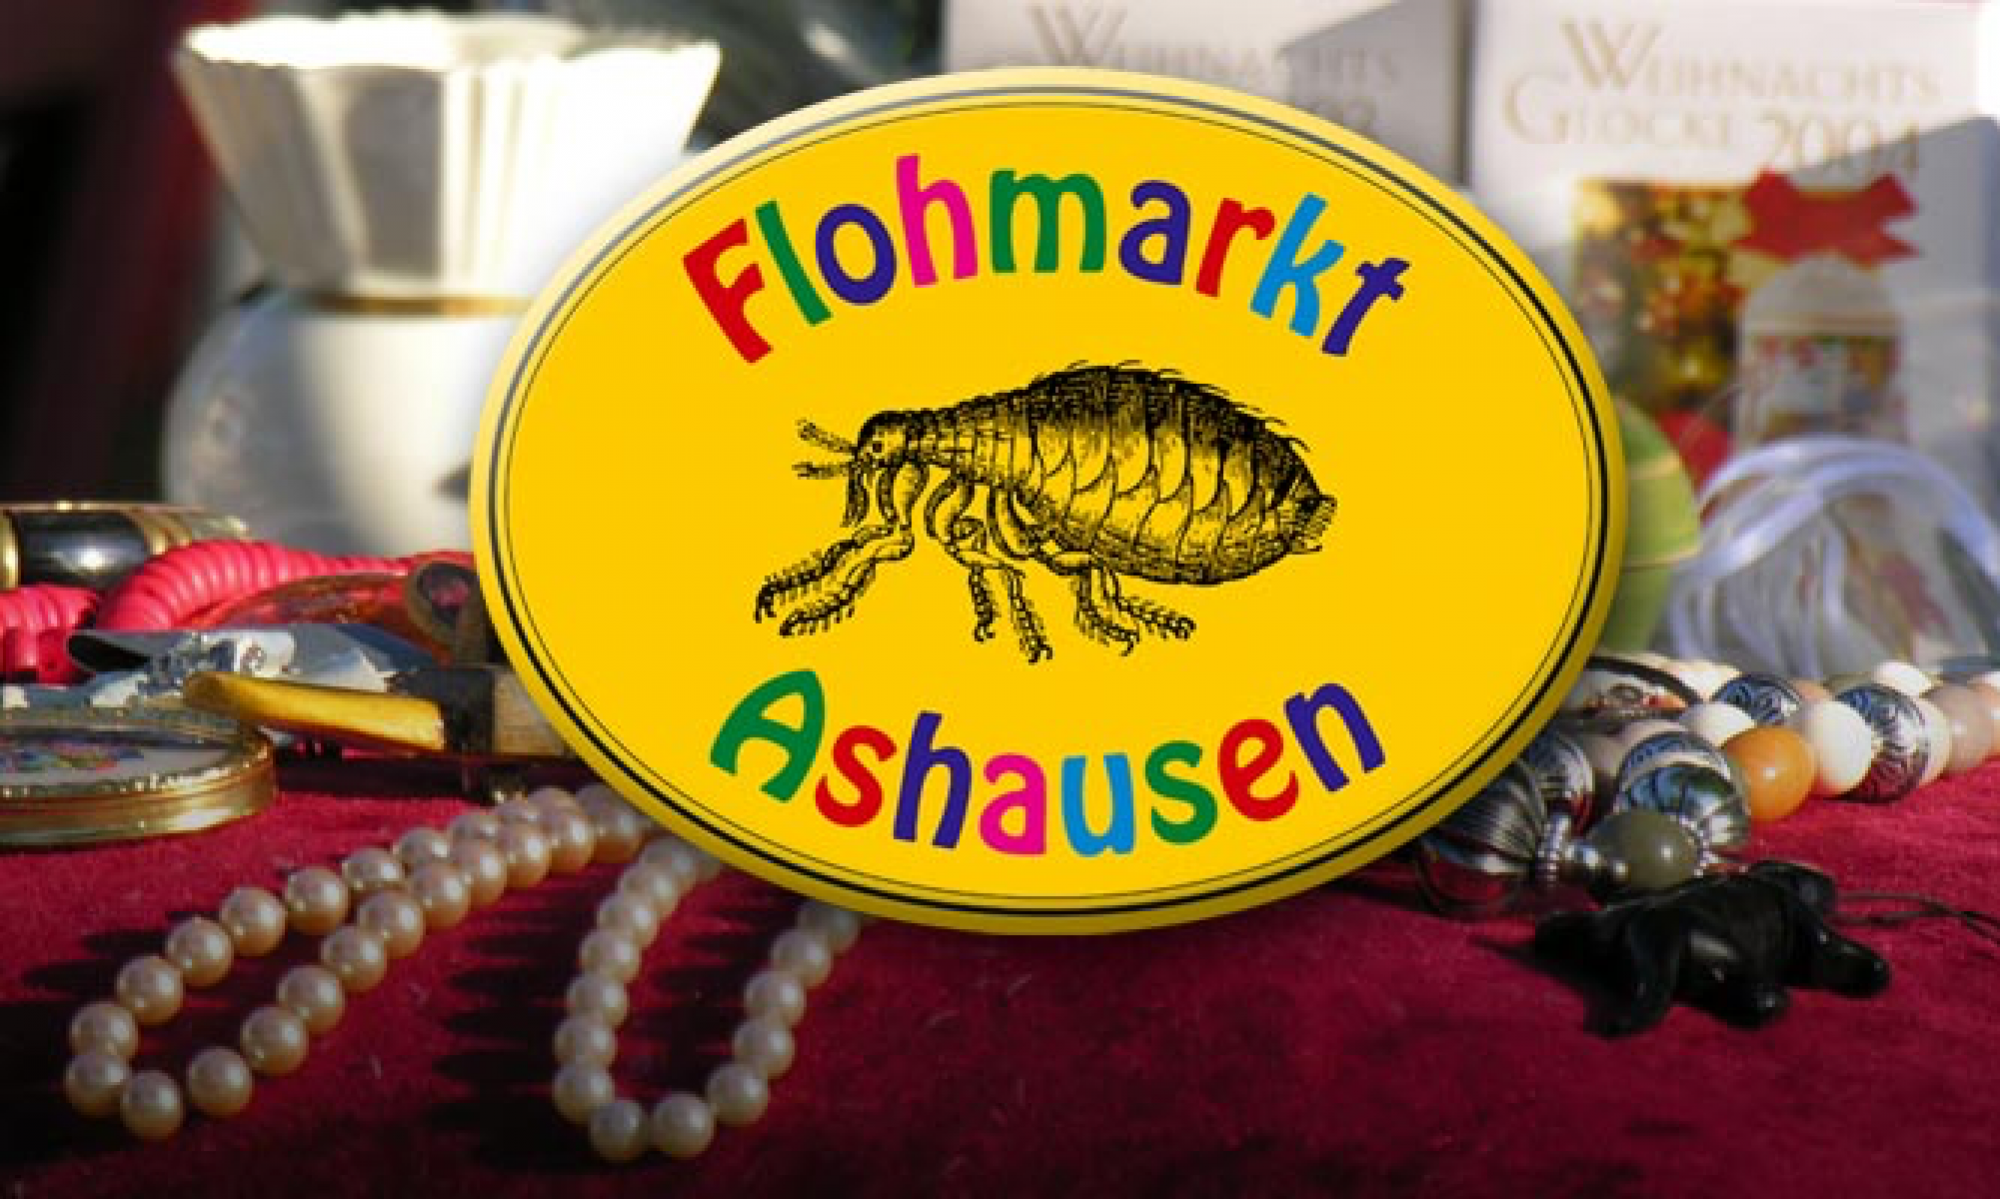 Flohmarkt in Ashausen